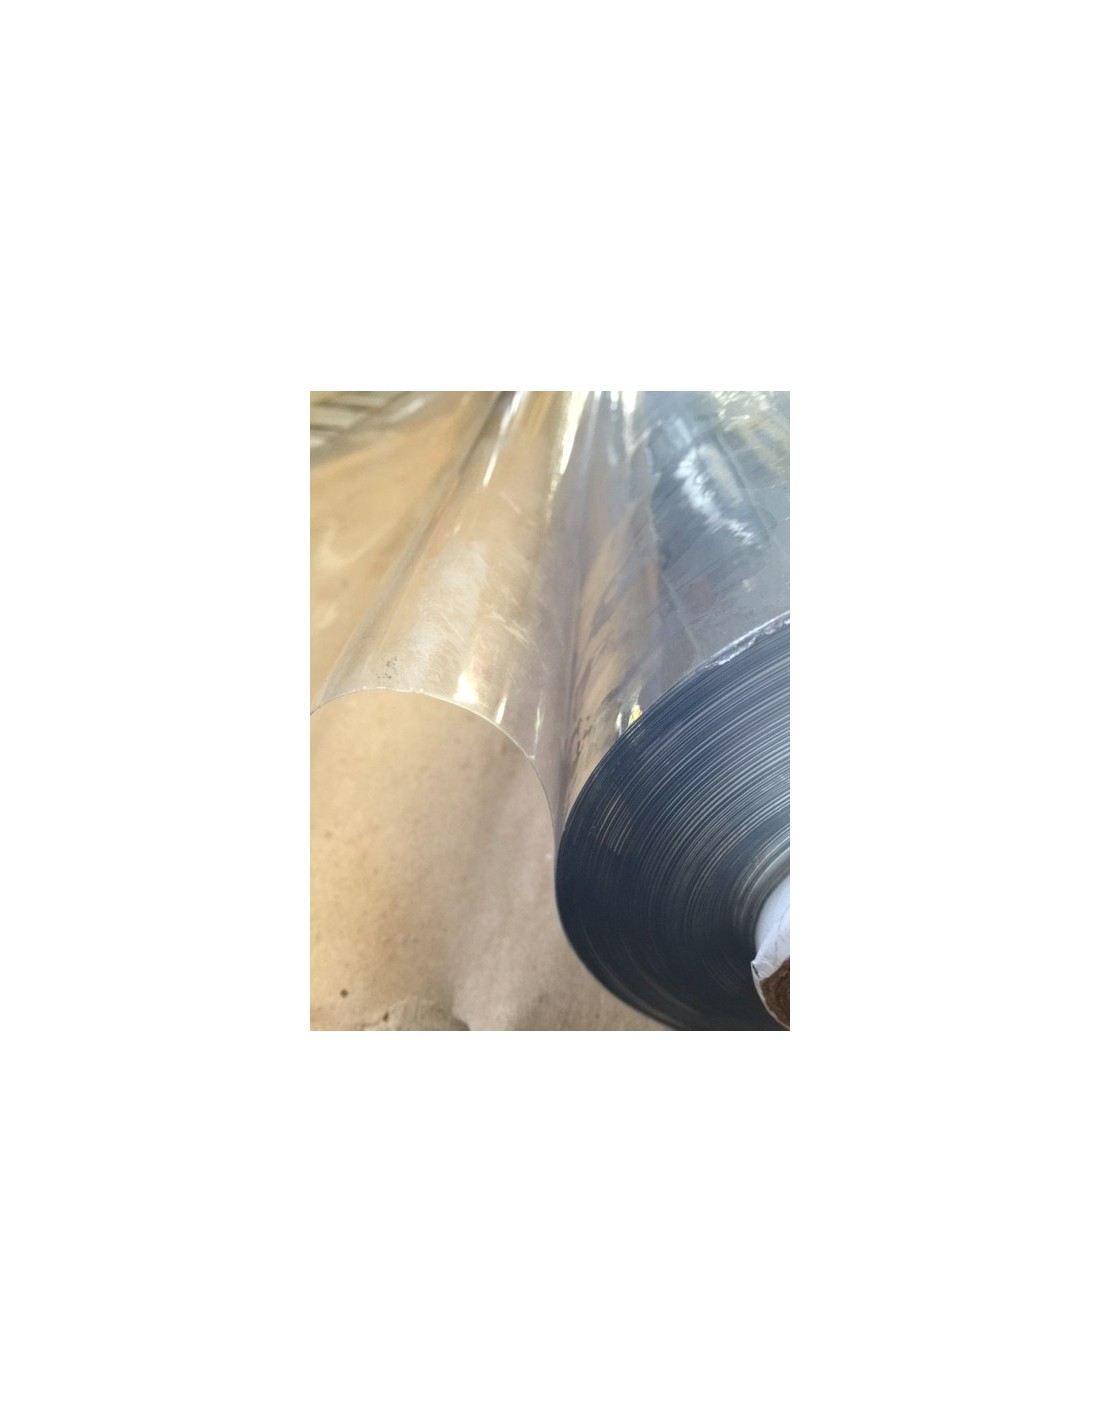 nappe cristal transparente epaisse mm 20 100e 20 microns toile cir e pvc sous nappe. Black Bedroom Furniture Sets. Home Design Ideas